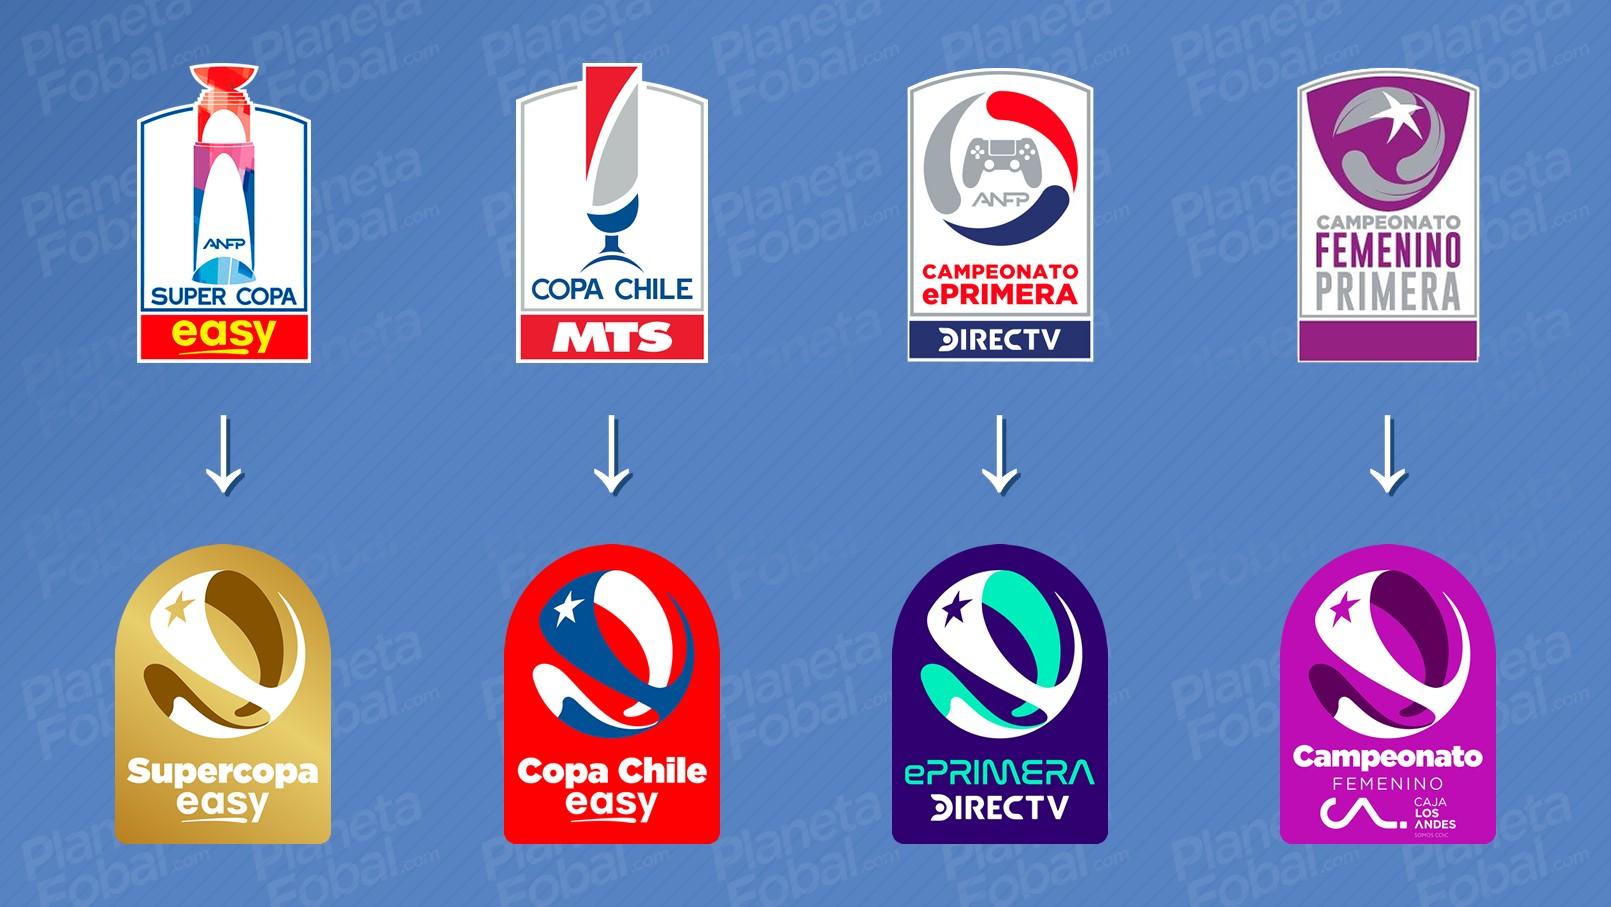 Nuevos logos Supercopa, Copa Chile, EPrimera y Campeonato Femenino | Imágenes ANFP